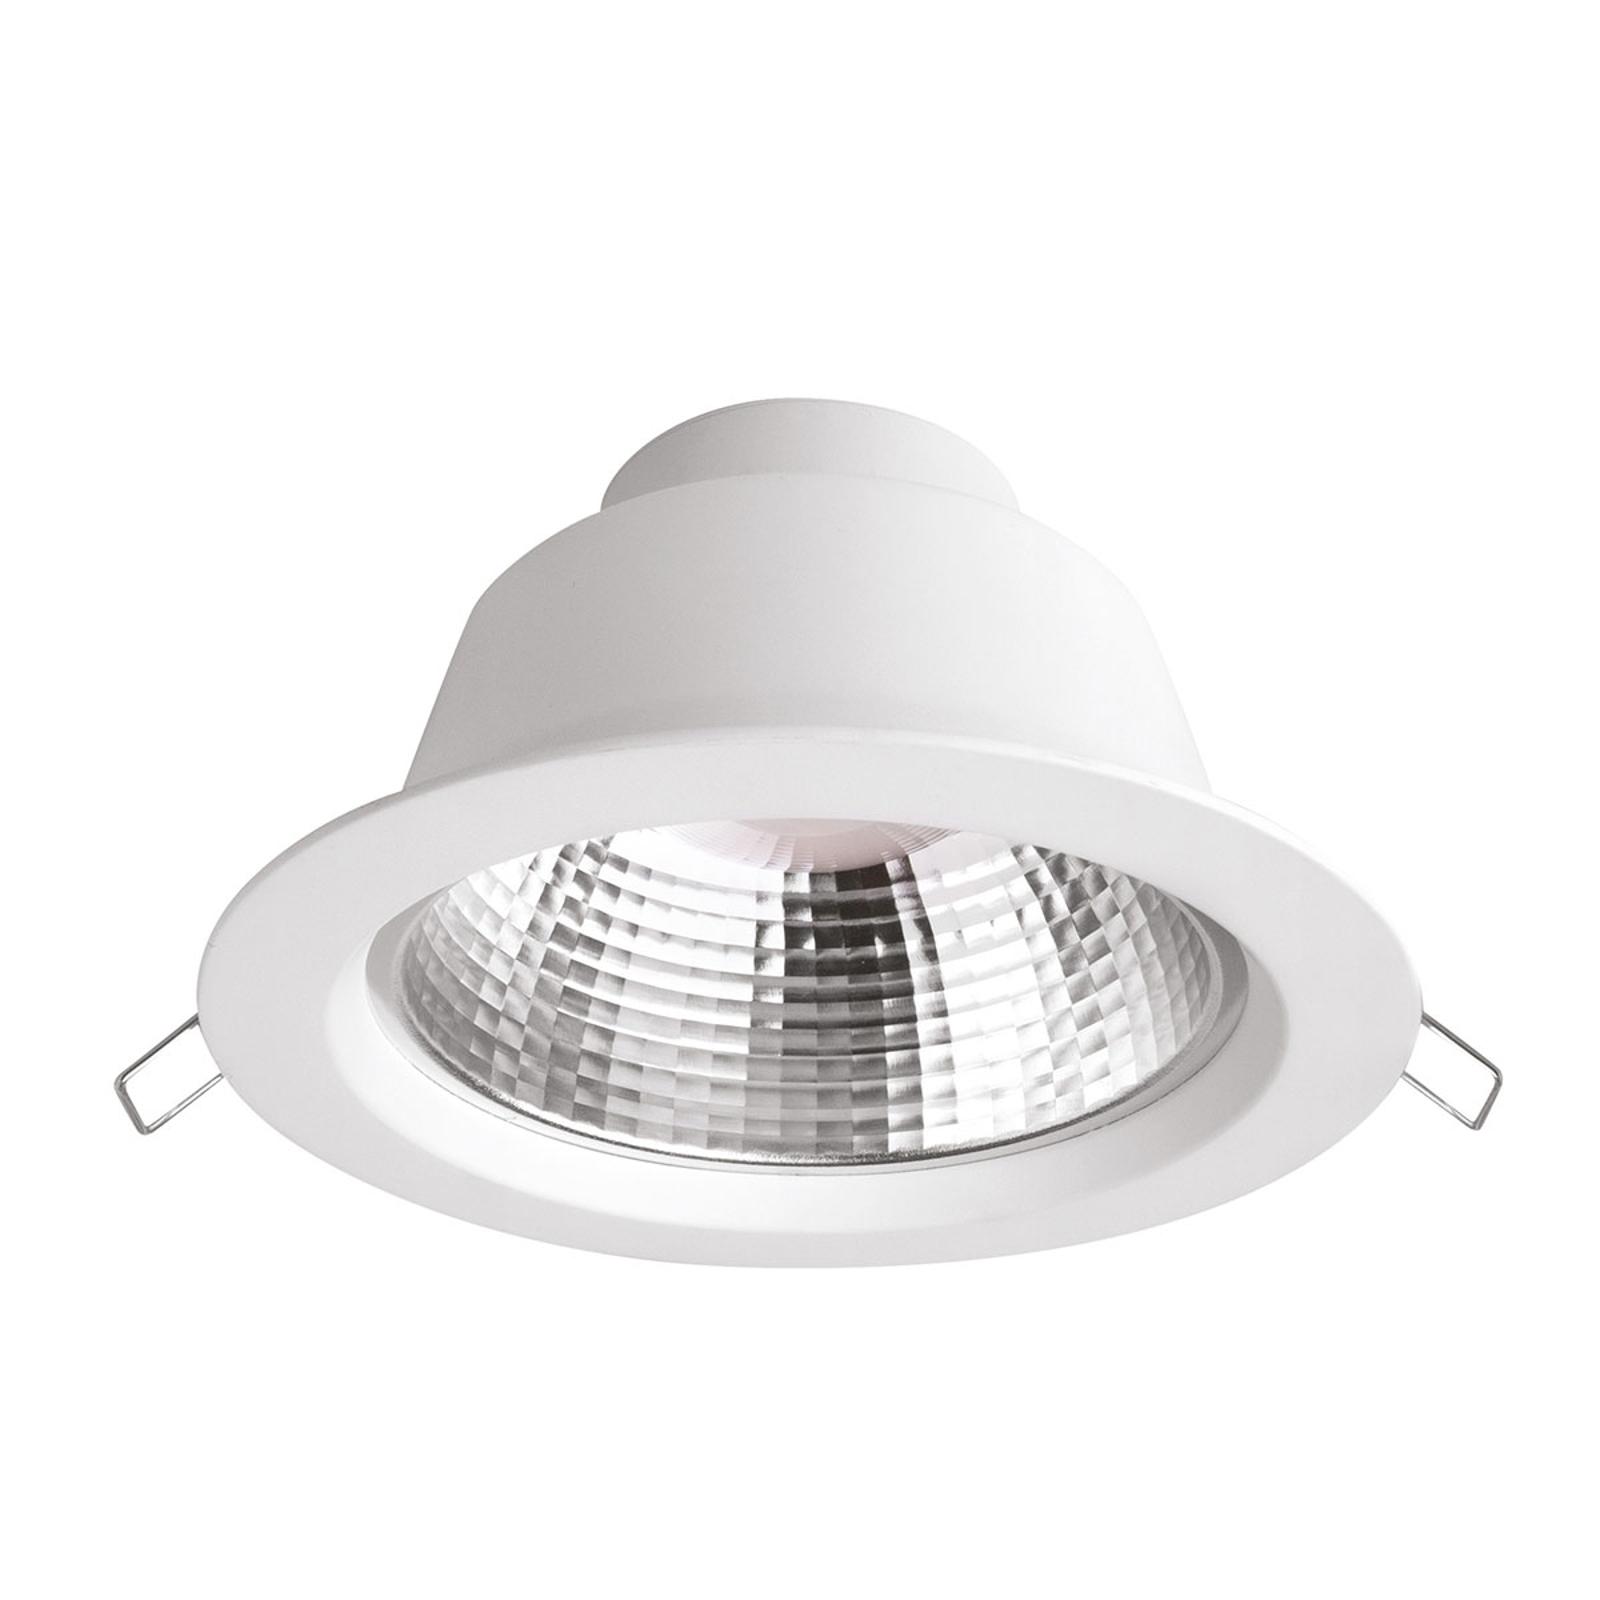 Lampa wpuszczana LED Siena, 9,5W, 2800 K